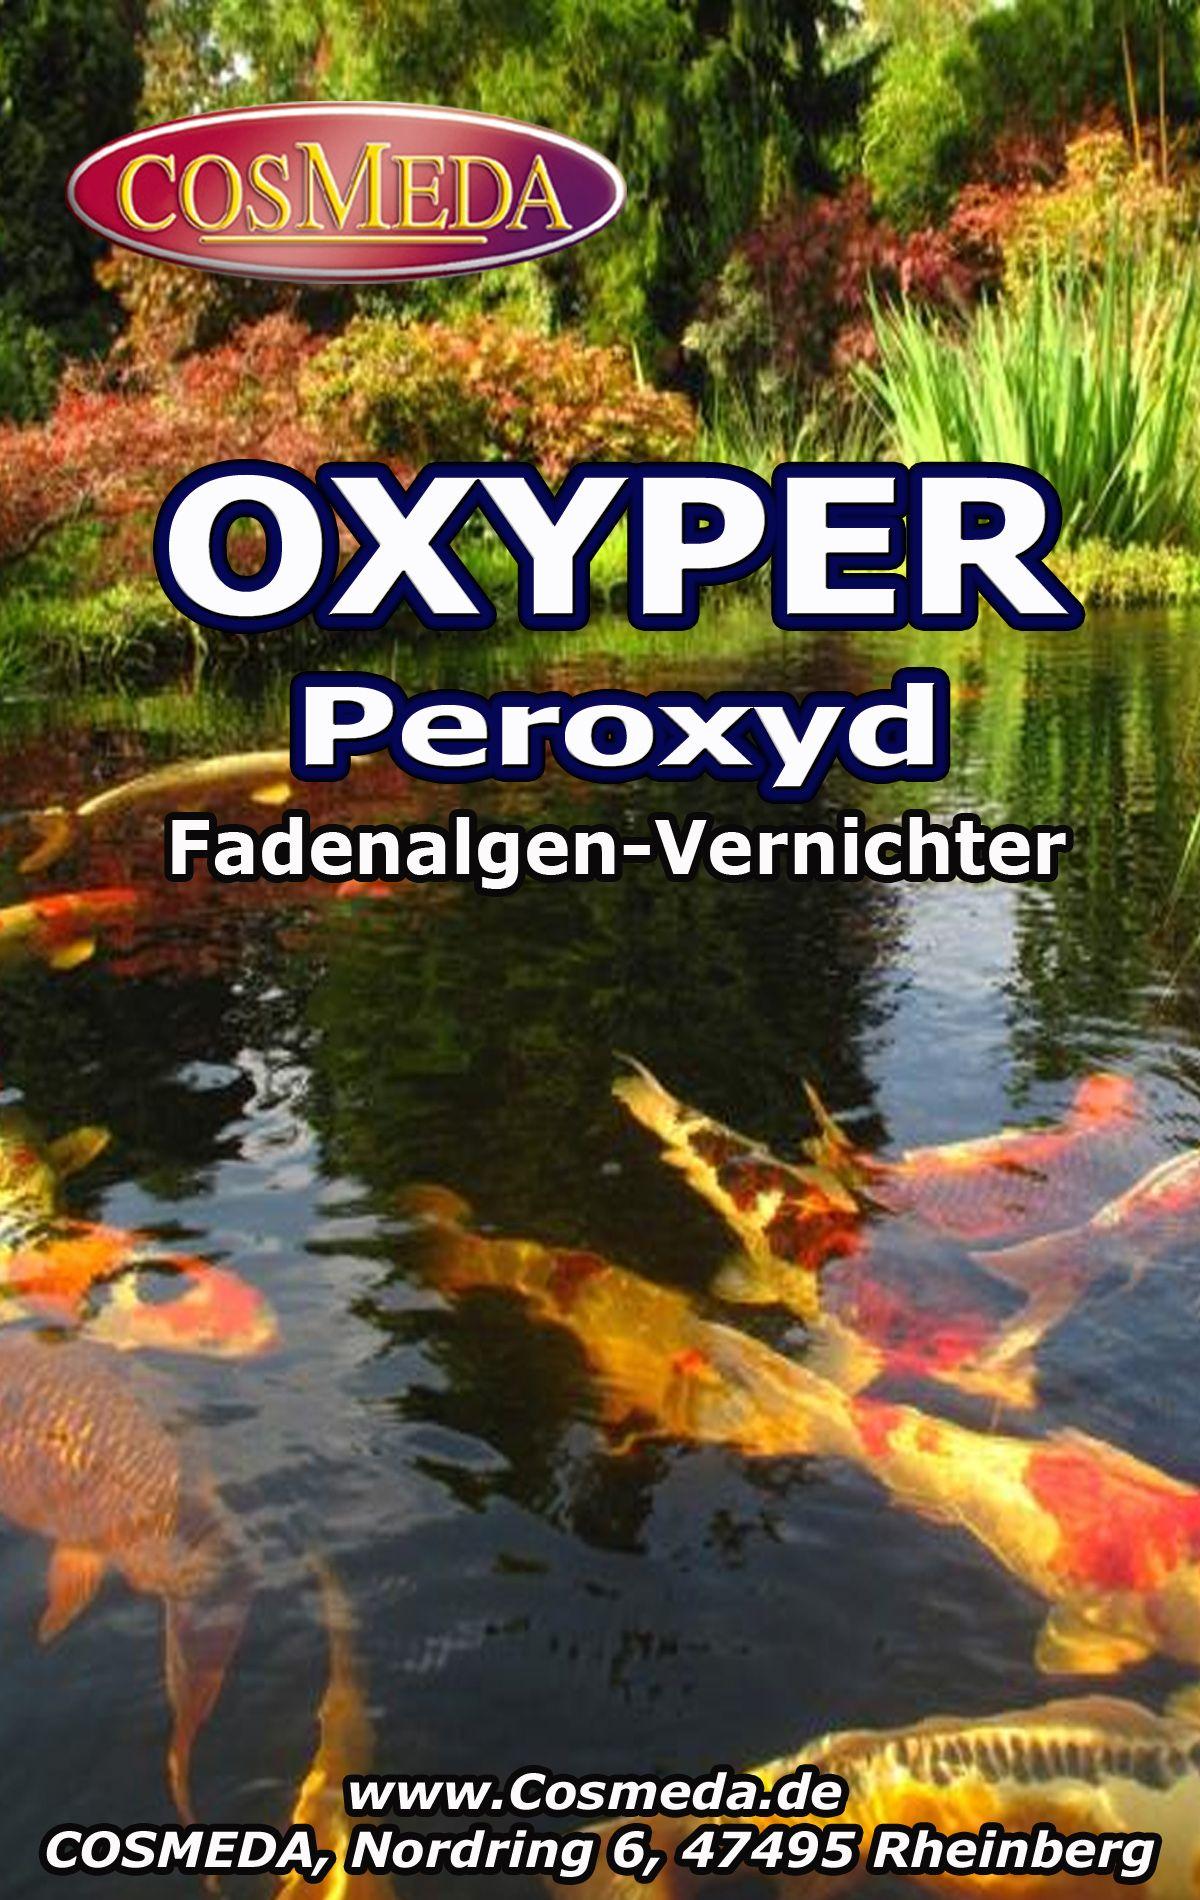 Cosmeda line Shop OXYPER Peroxyd 5 kg garten